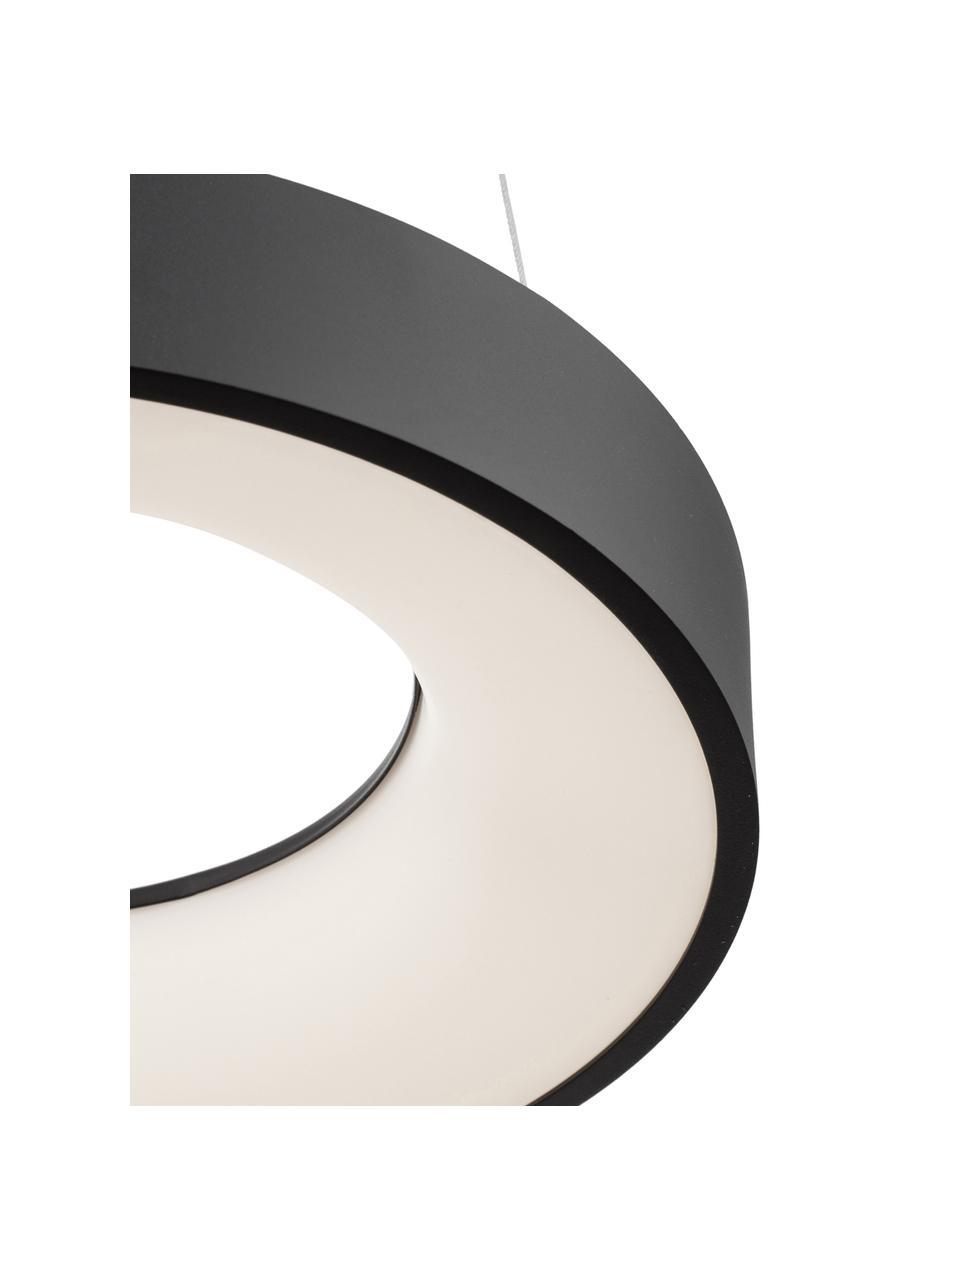 Lampa wisząca LED z funkcją przyciemniania Rando, Czarny, Ø 60 x W 6 cm